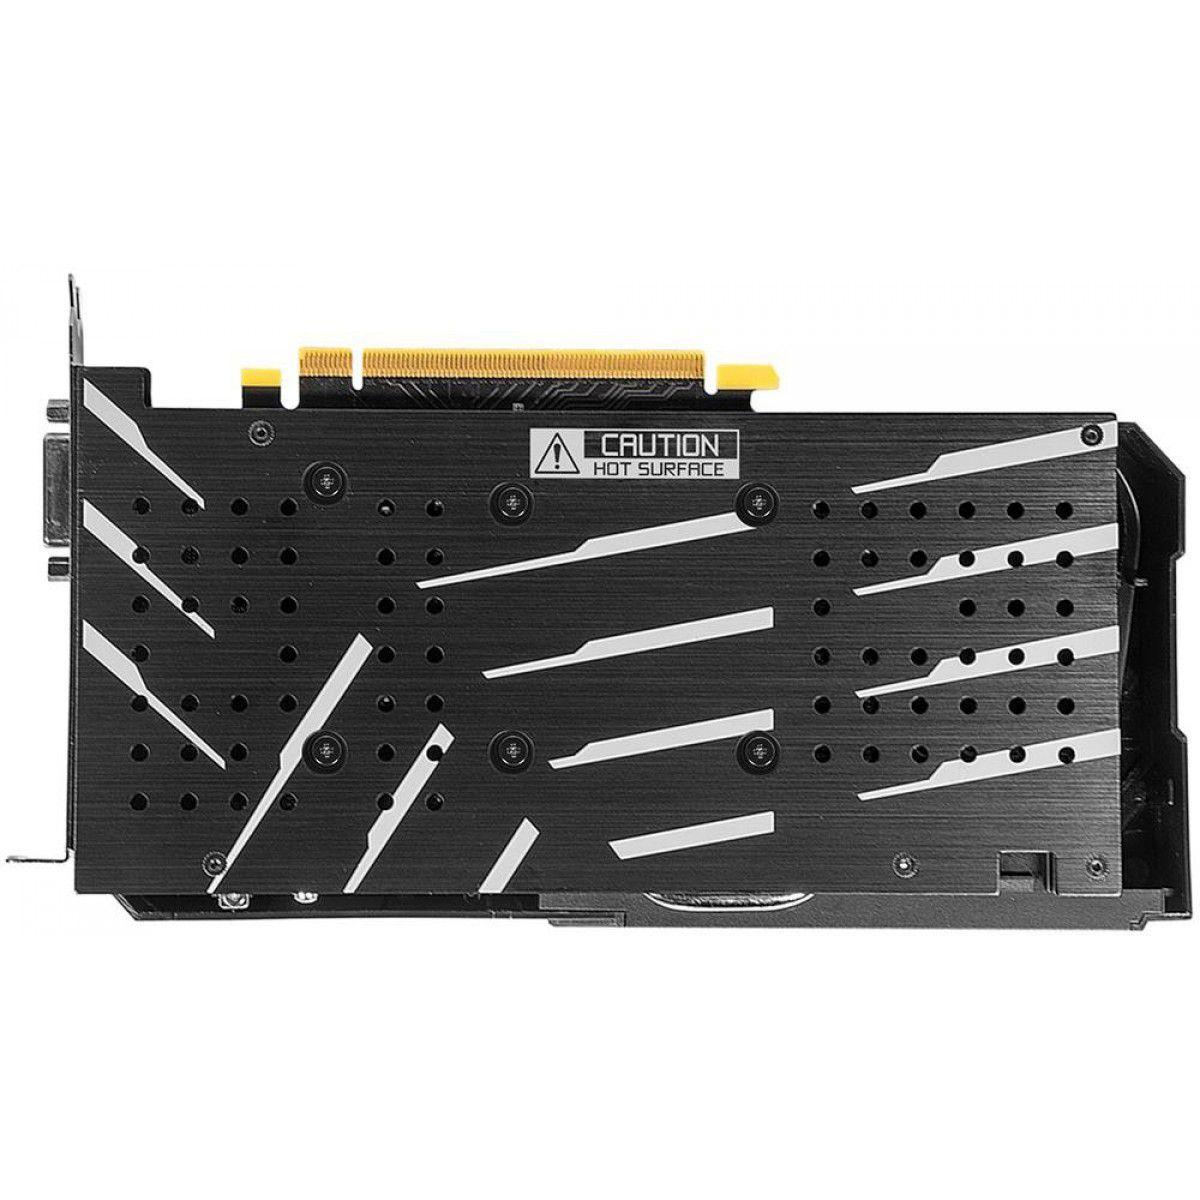 PLACA DE VIDEO GALAX GEFORCE GTX 1660 SUPER EX 6GB GDDR6 1-CLICK OC 192-BIT 60SRL7DS03ES